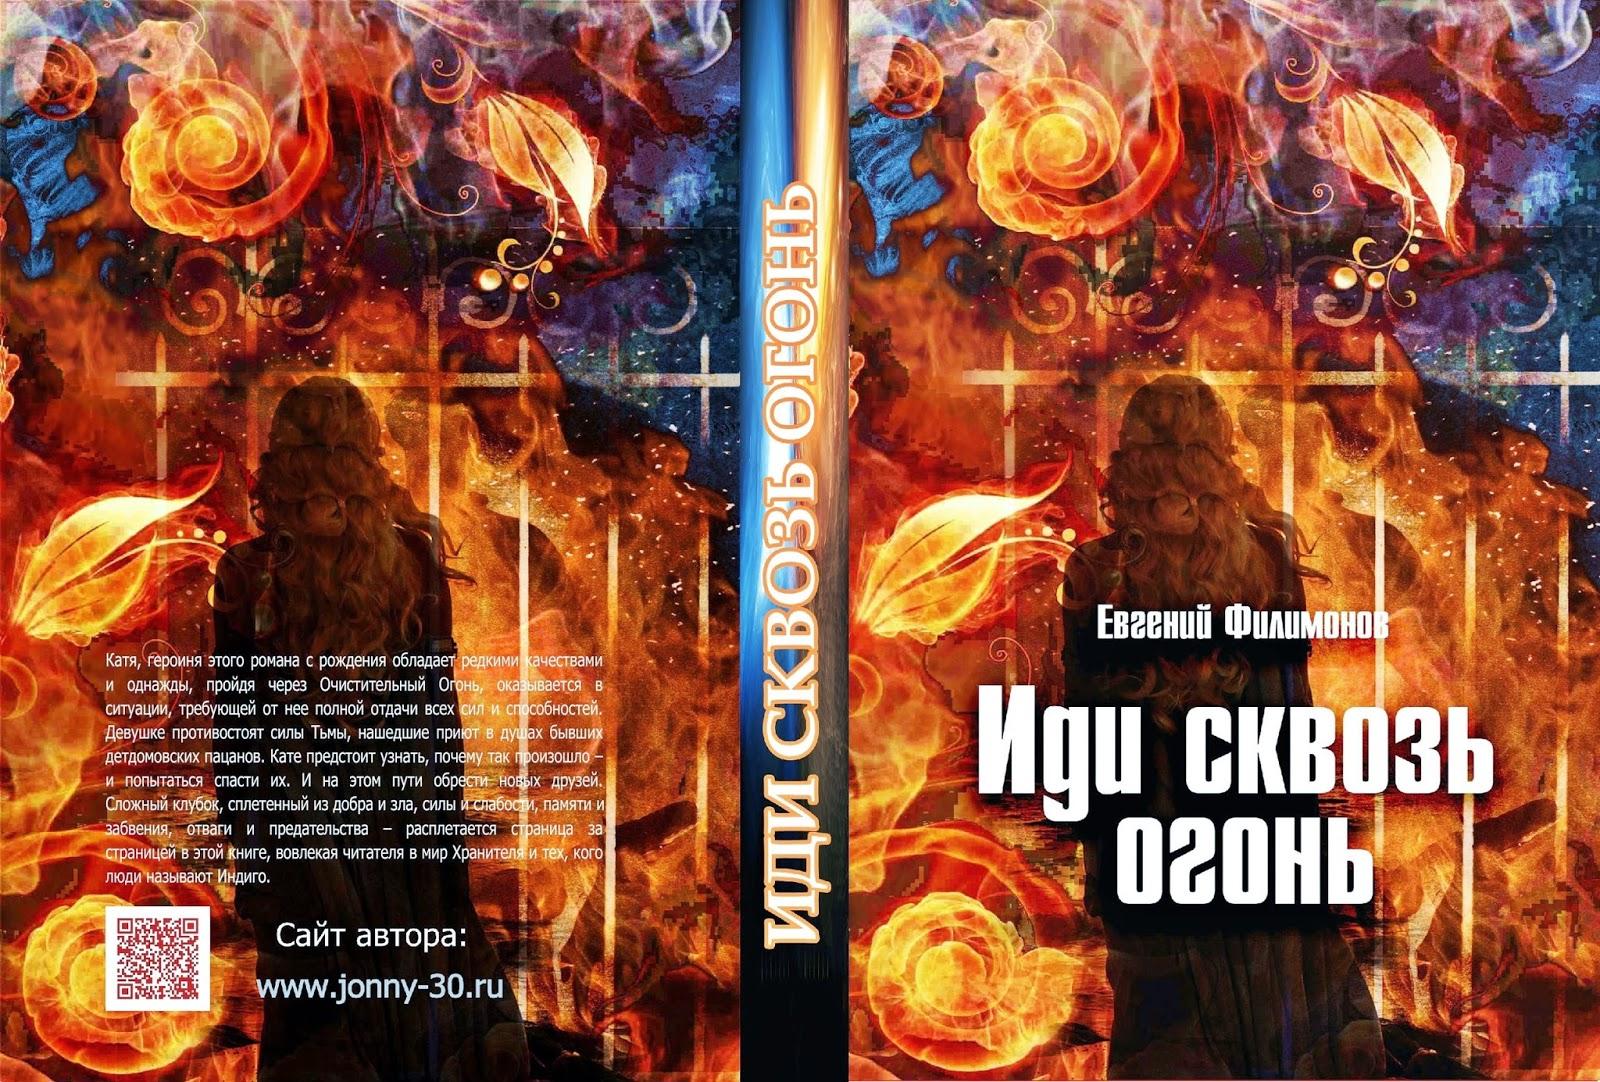 Евгений Филимонов - Иди сквозь огонь